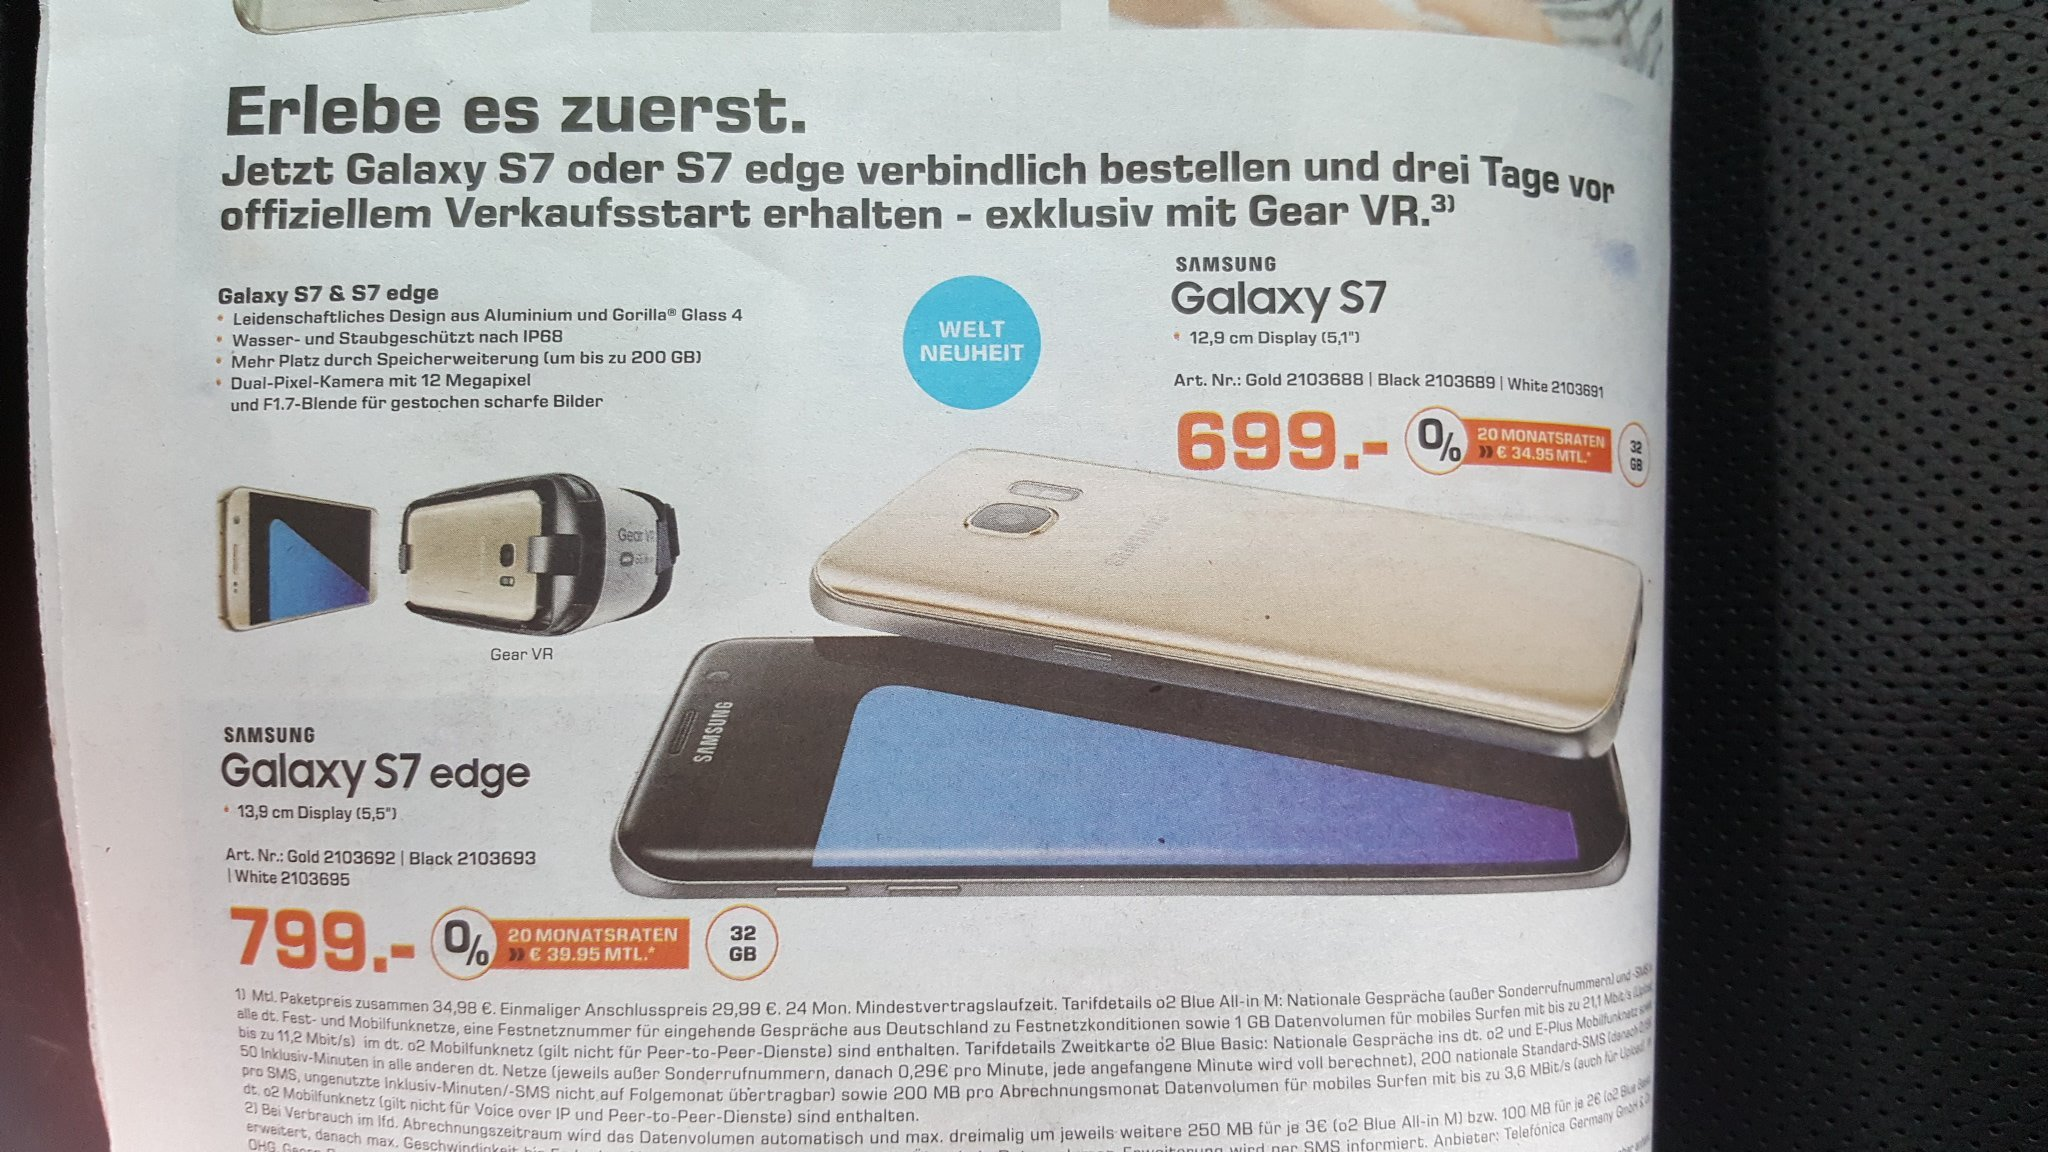 Update Neues Video Saturn Patzt Grundpreise Des Galaxy S7